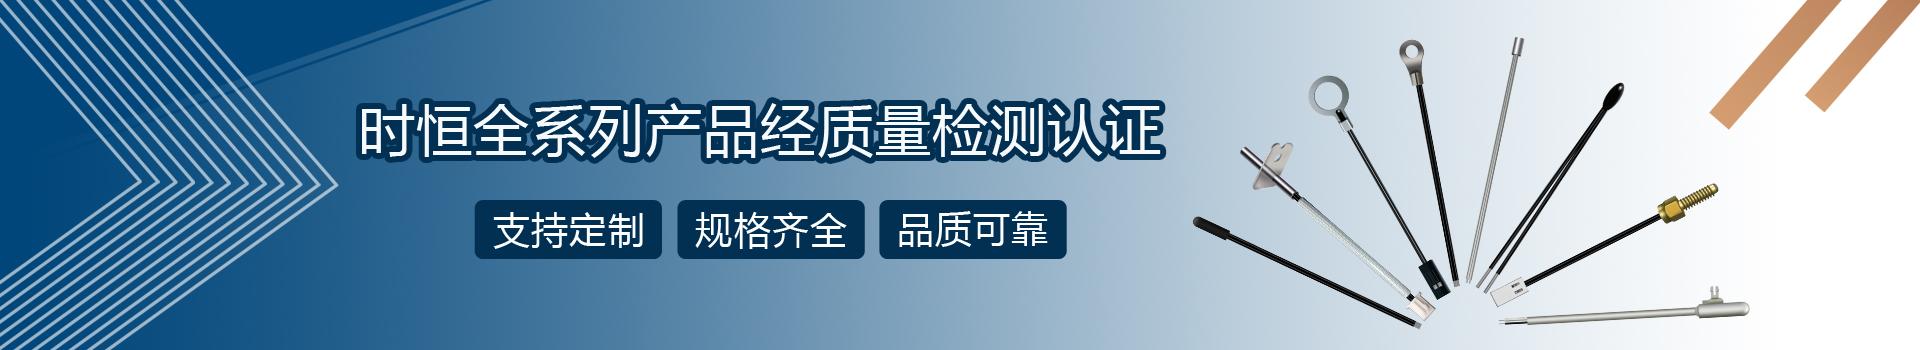 网页页面传感器